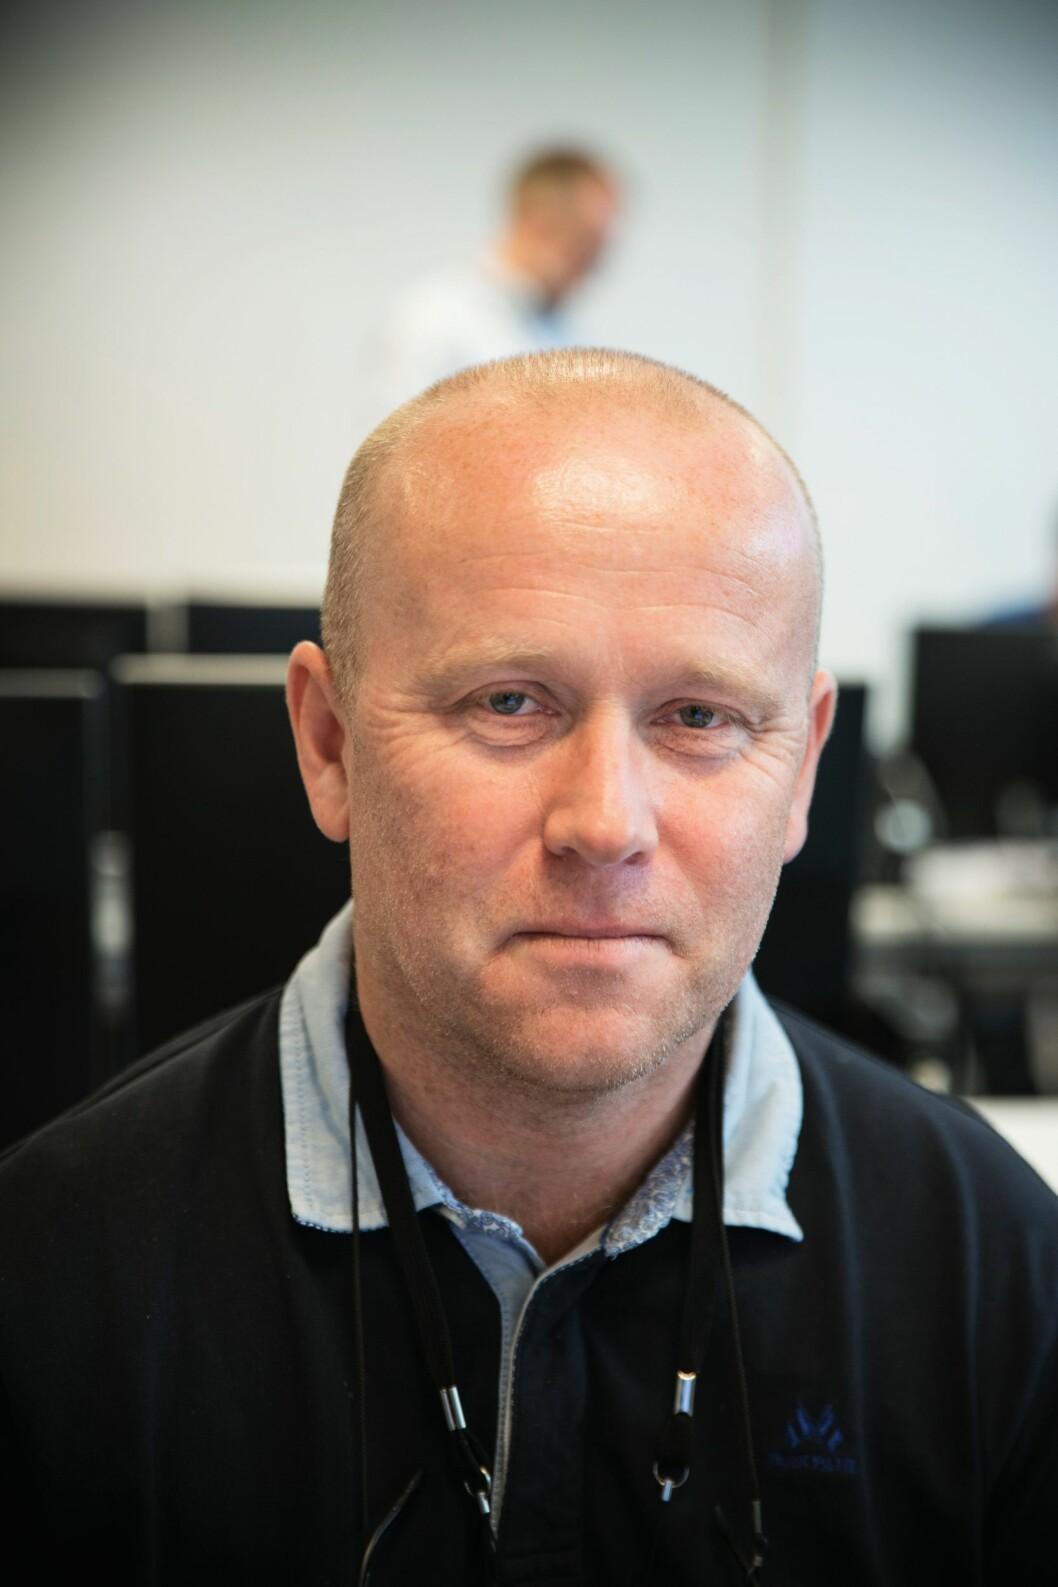 Oppdragsleder Tor Andre Gram Franck fra Møre og Romsdal.